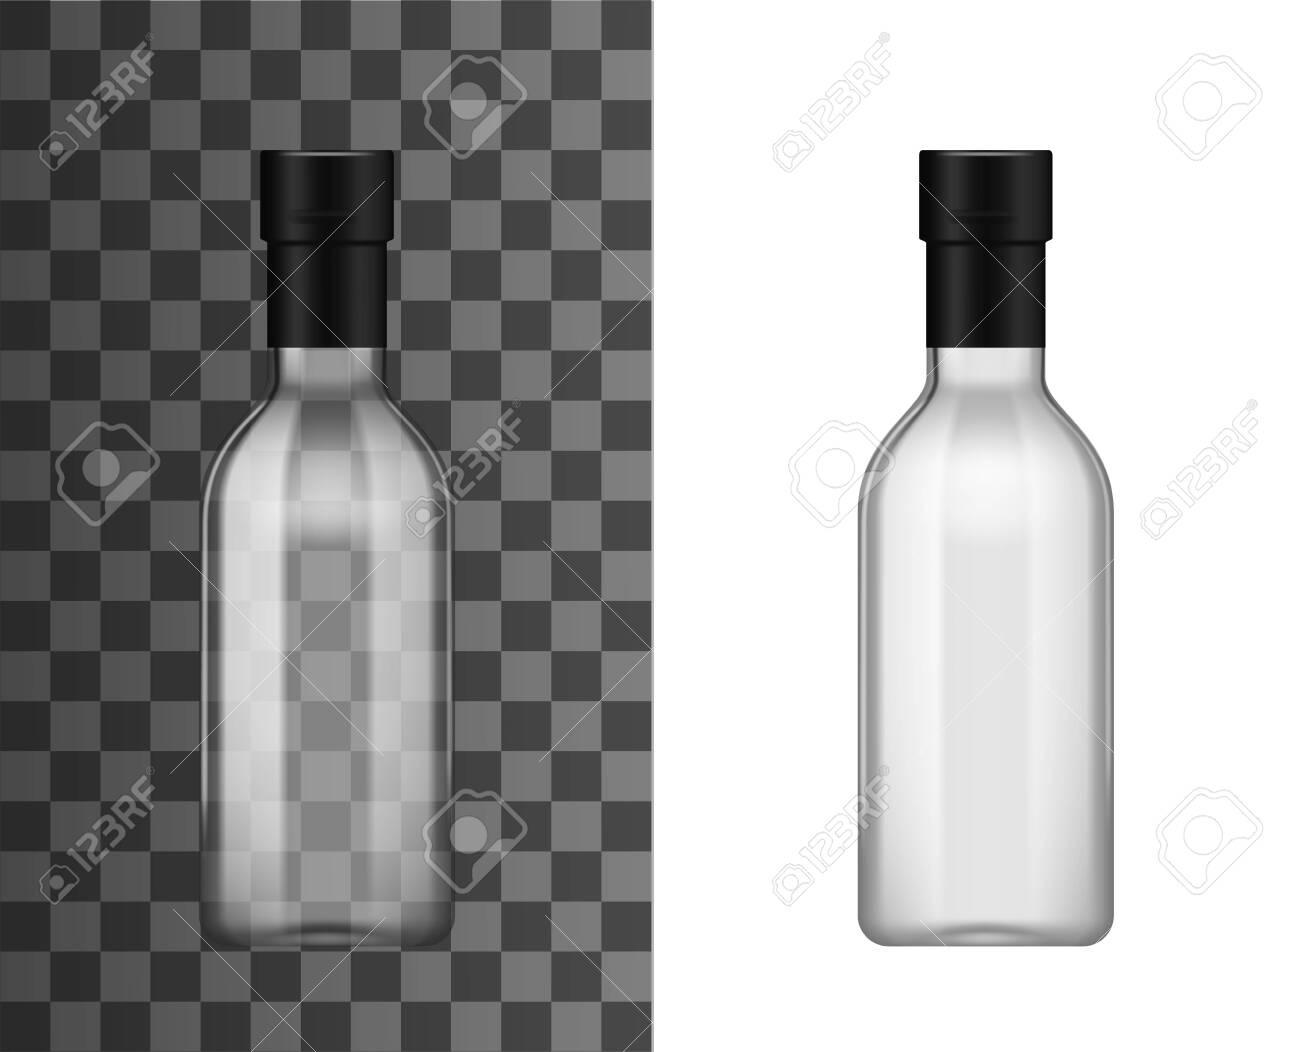 Empty transparent glass bottle with foil bottleneck cap, realistic 3d mockup template. - 141464295